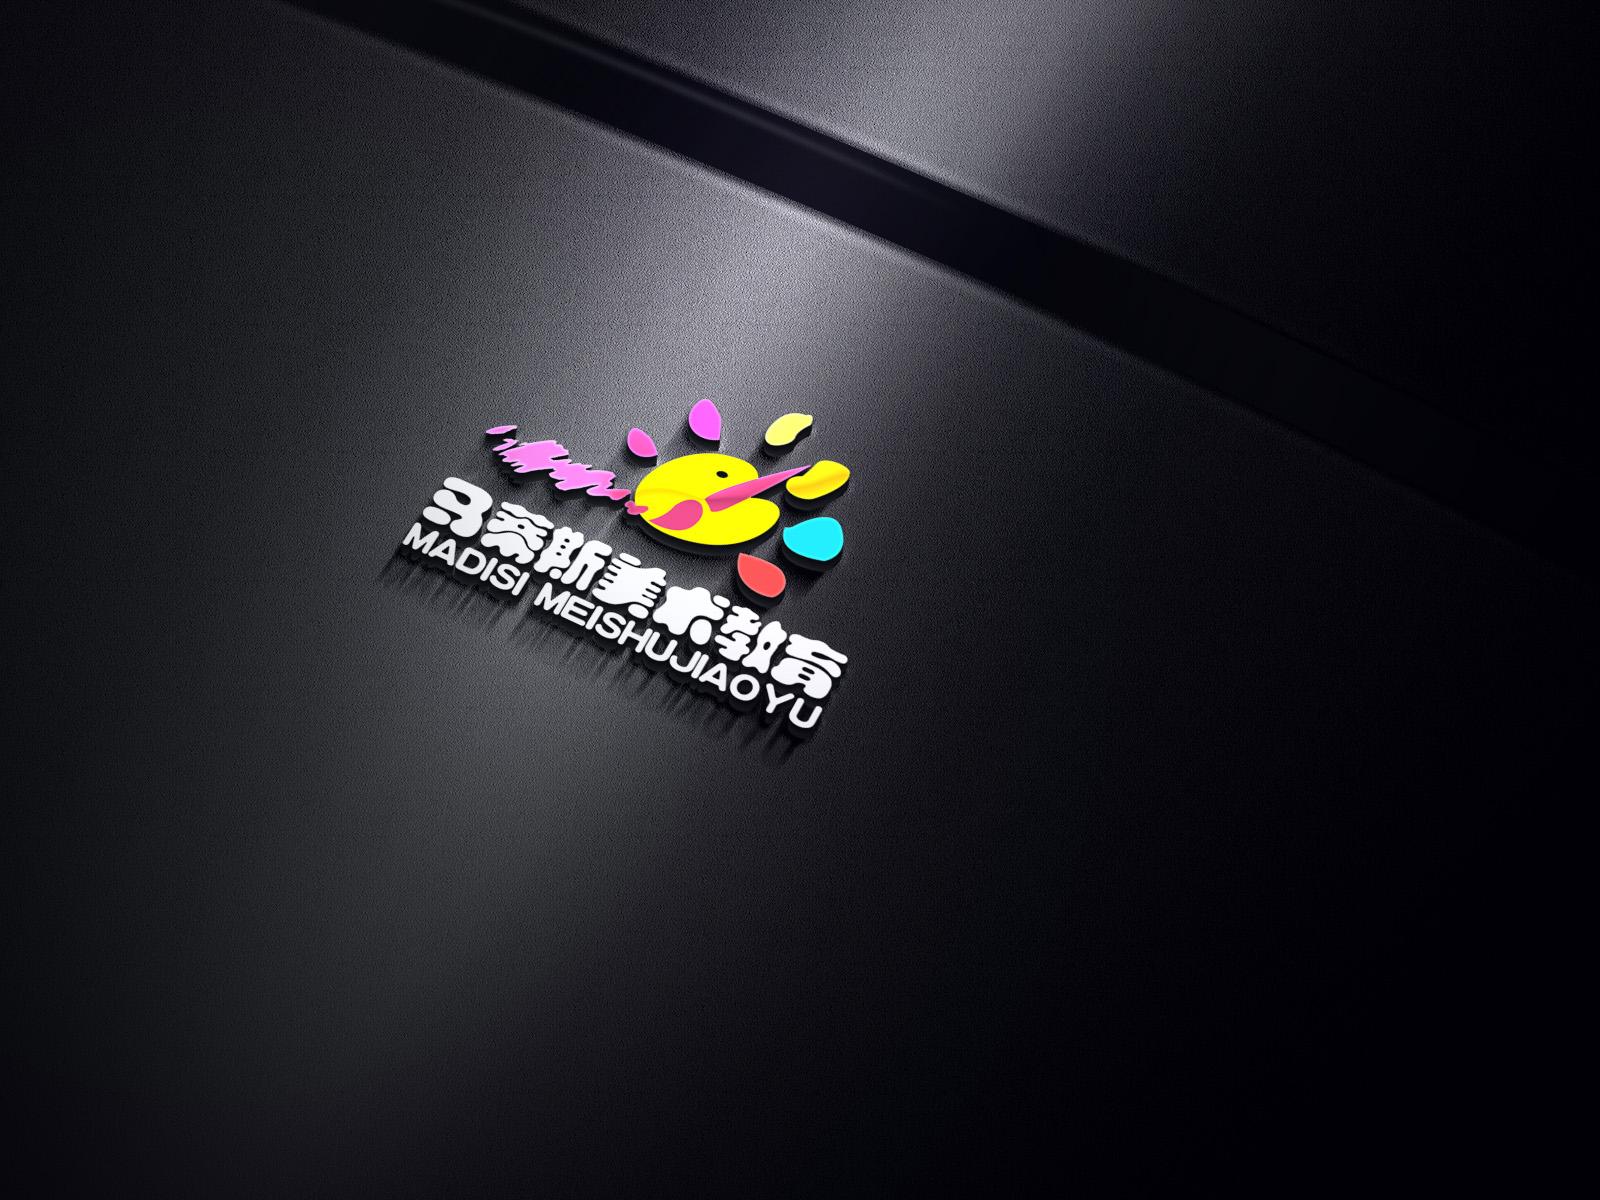 设计美术机构LOGO_3021549_k68威客网